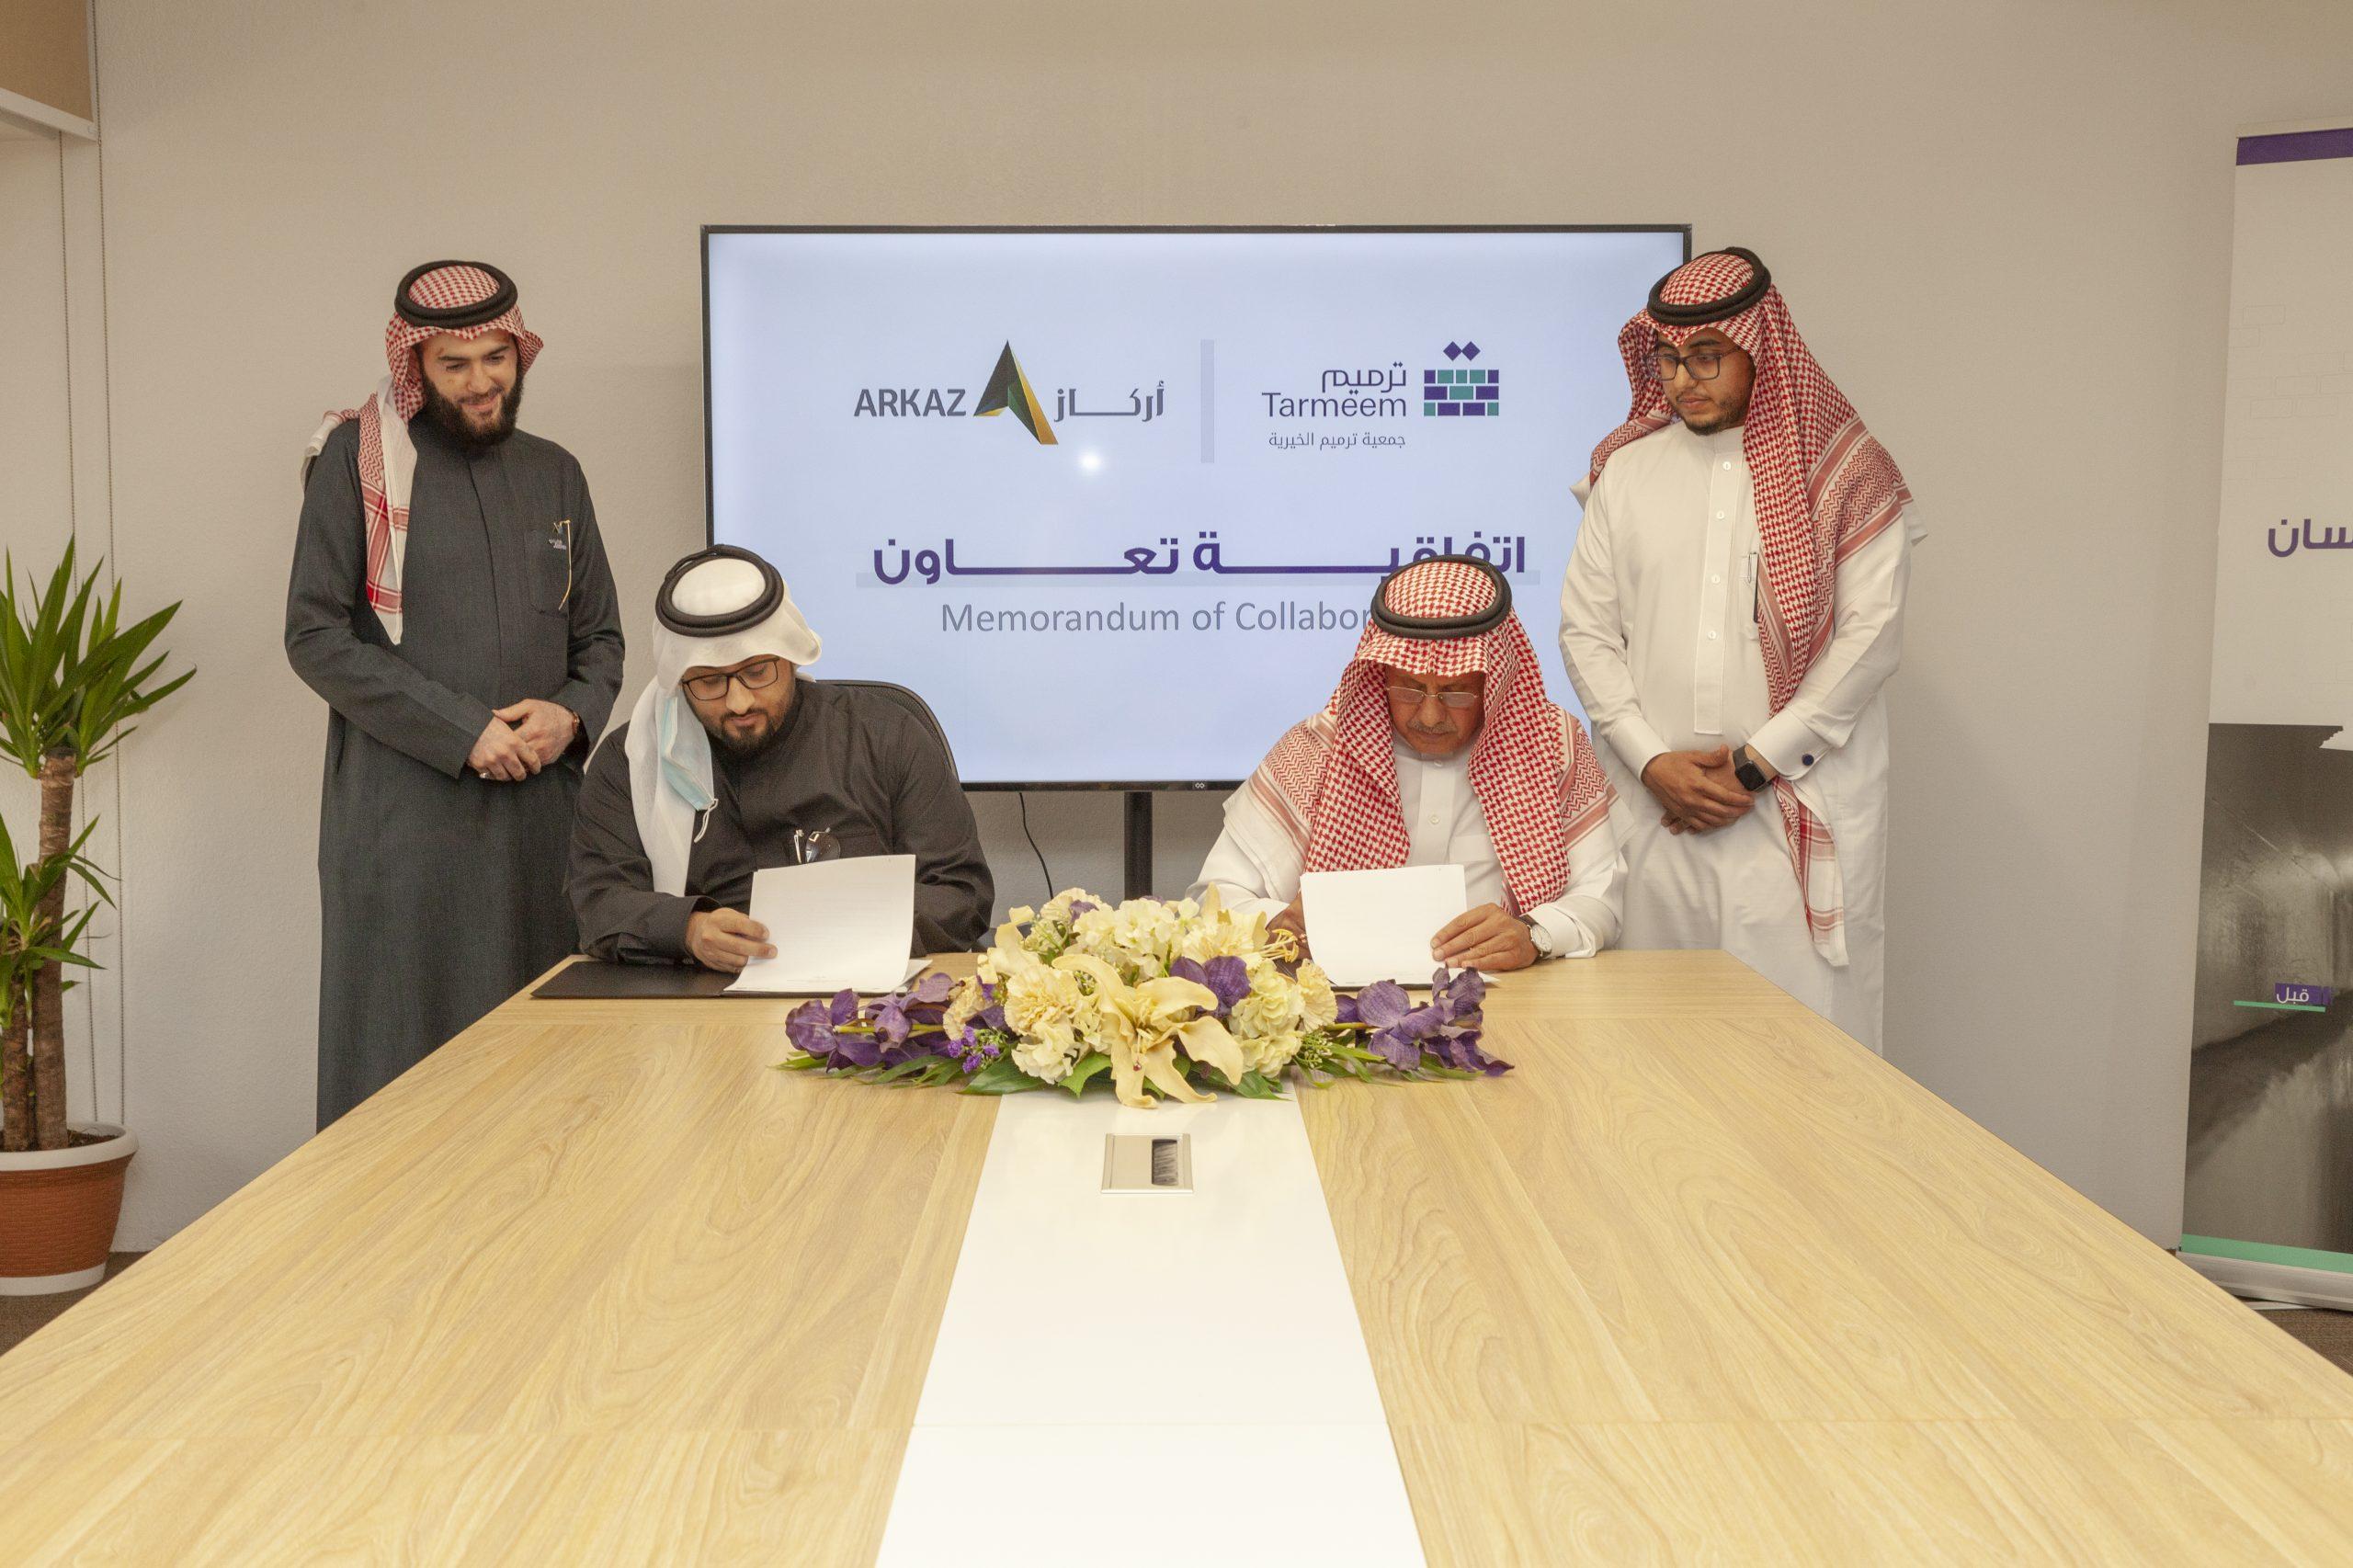 توقيع اتفاقية مع أركاز